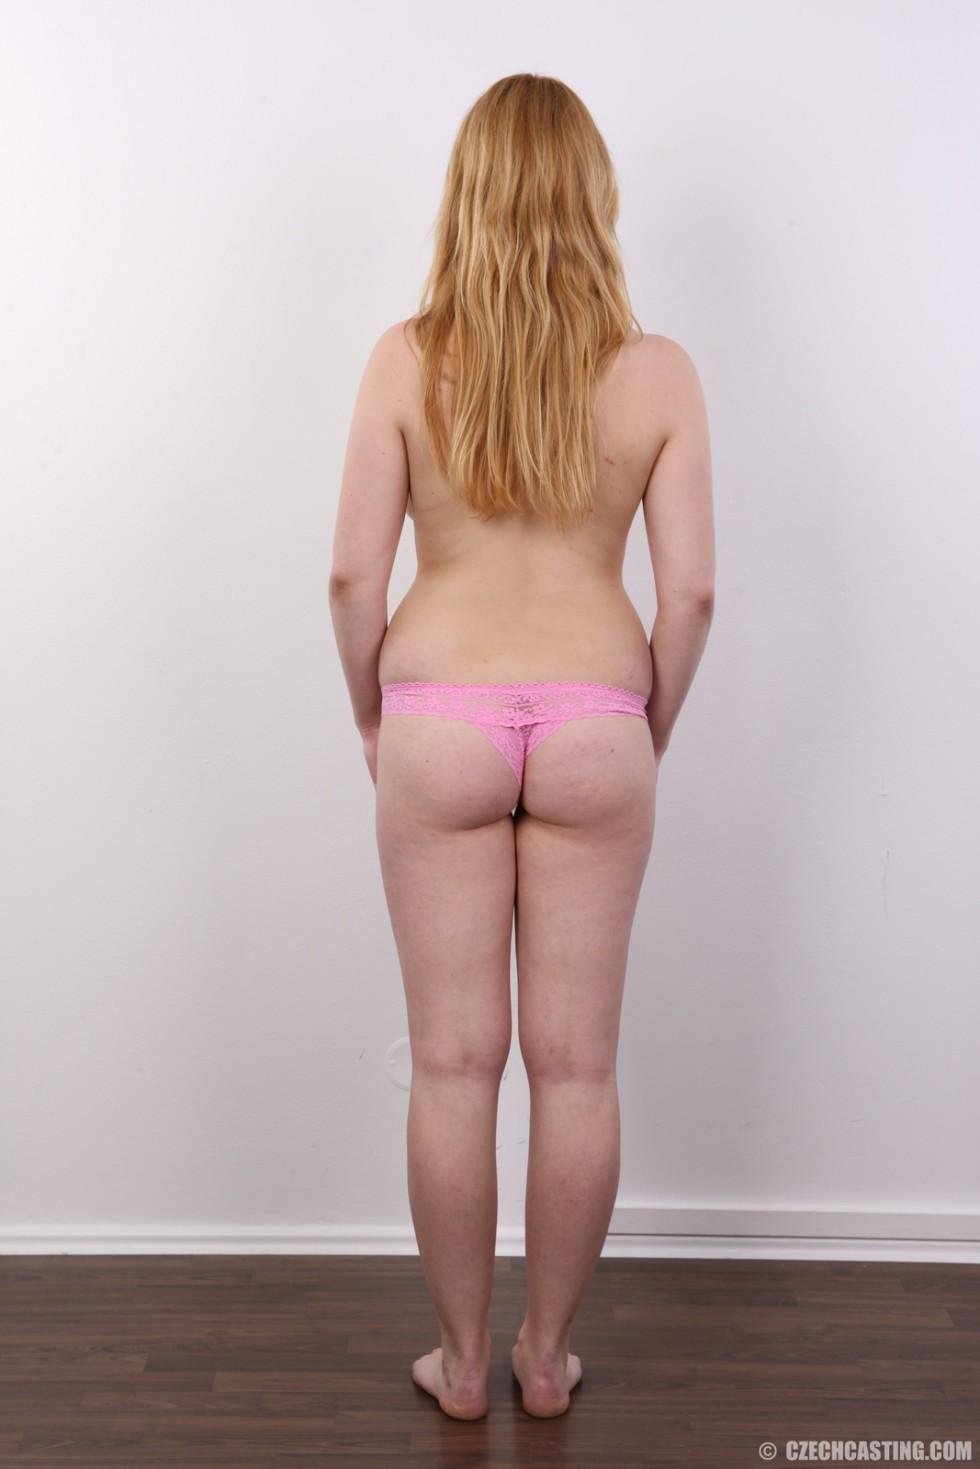 Рыжеволосая девушка оказывается не из стеснительных и показывает свое обнаженное тело